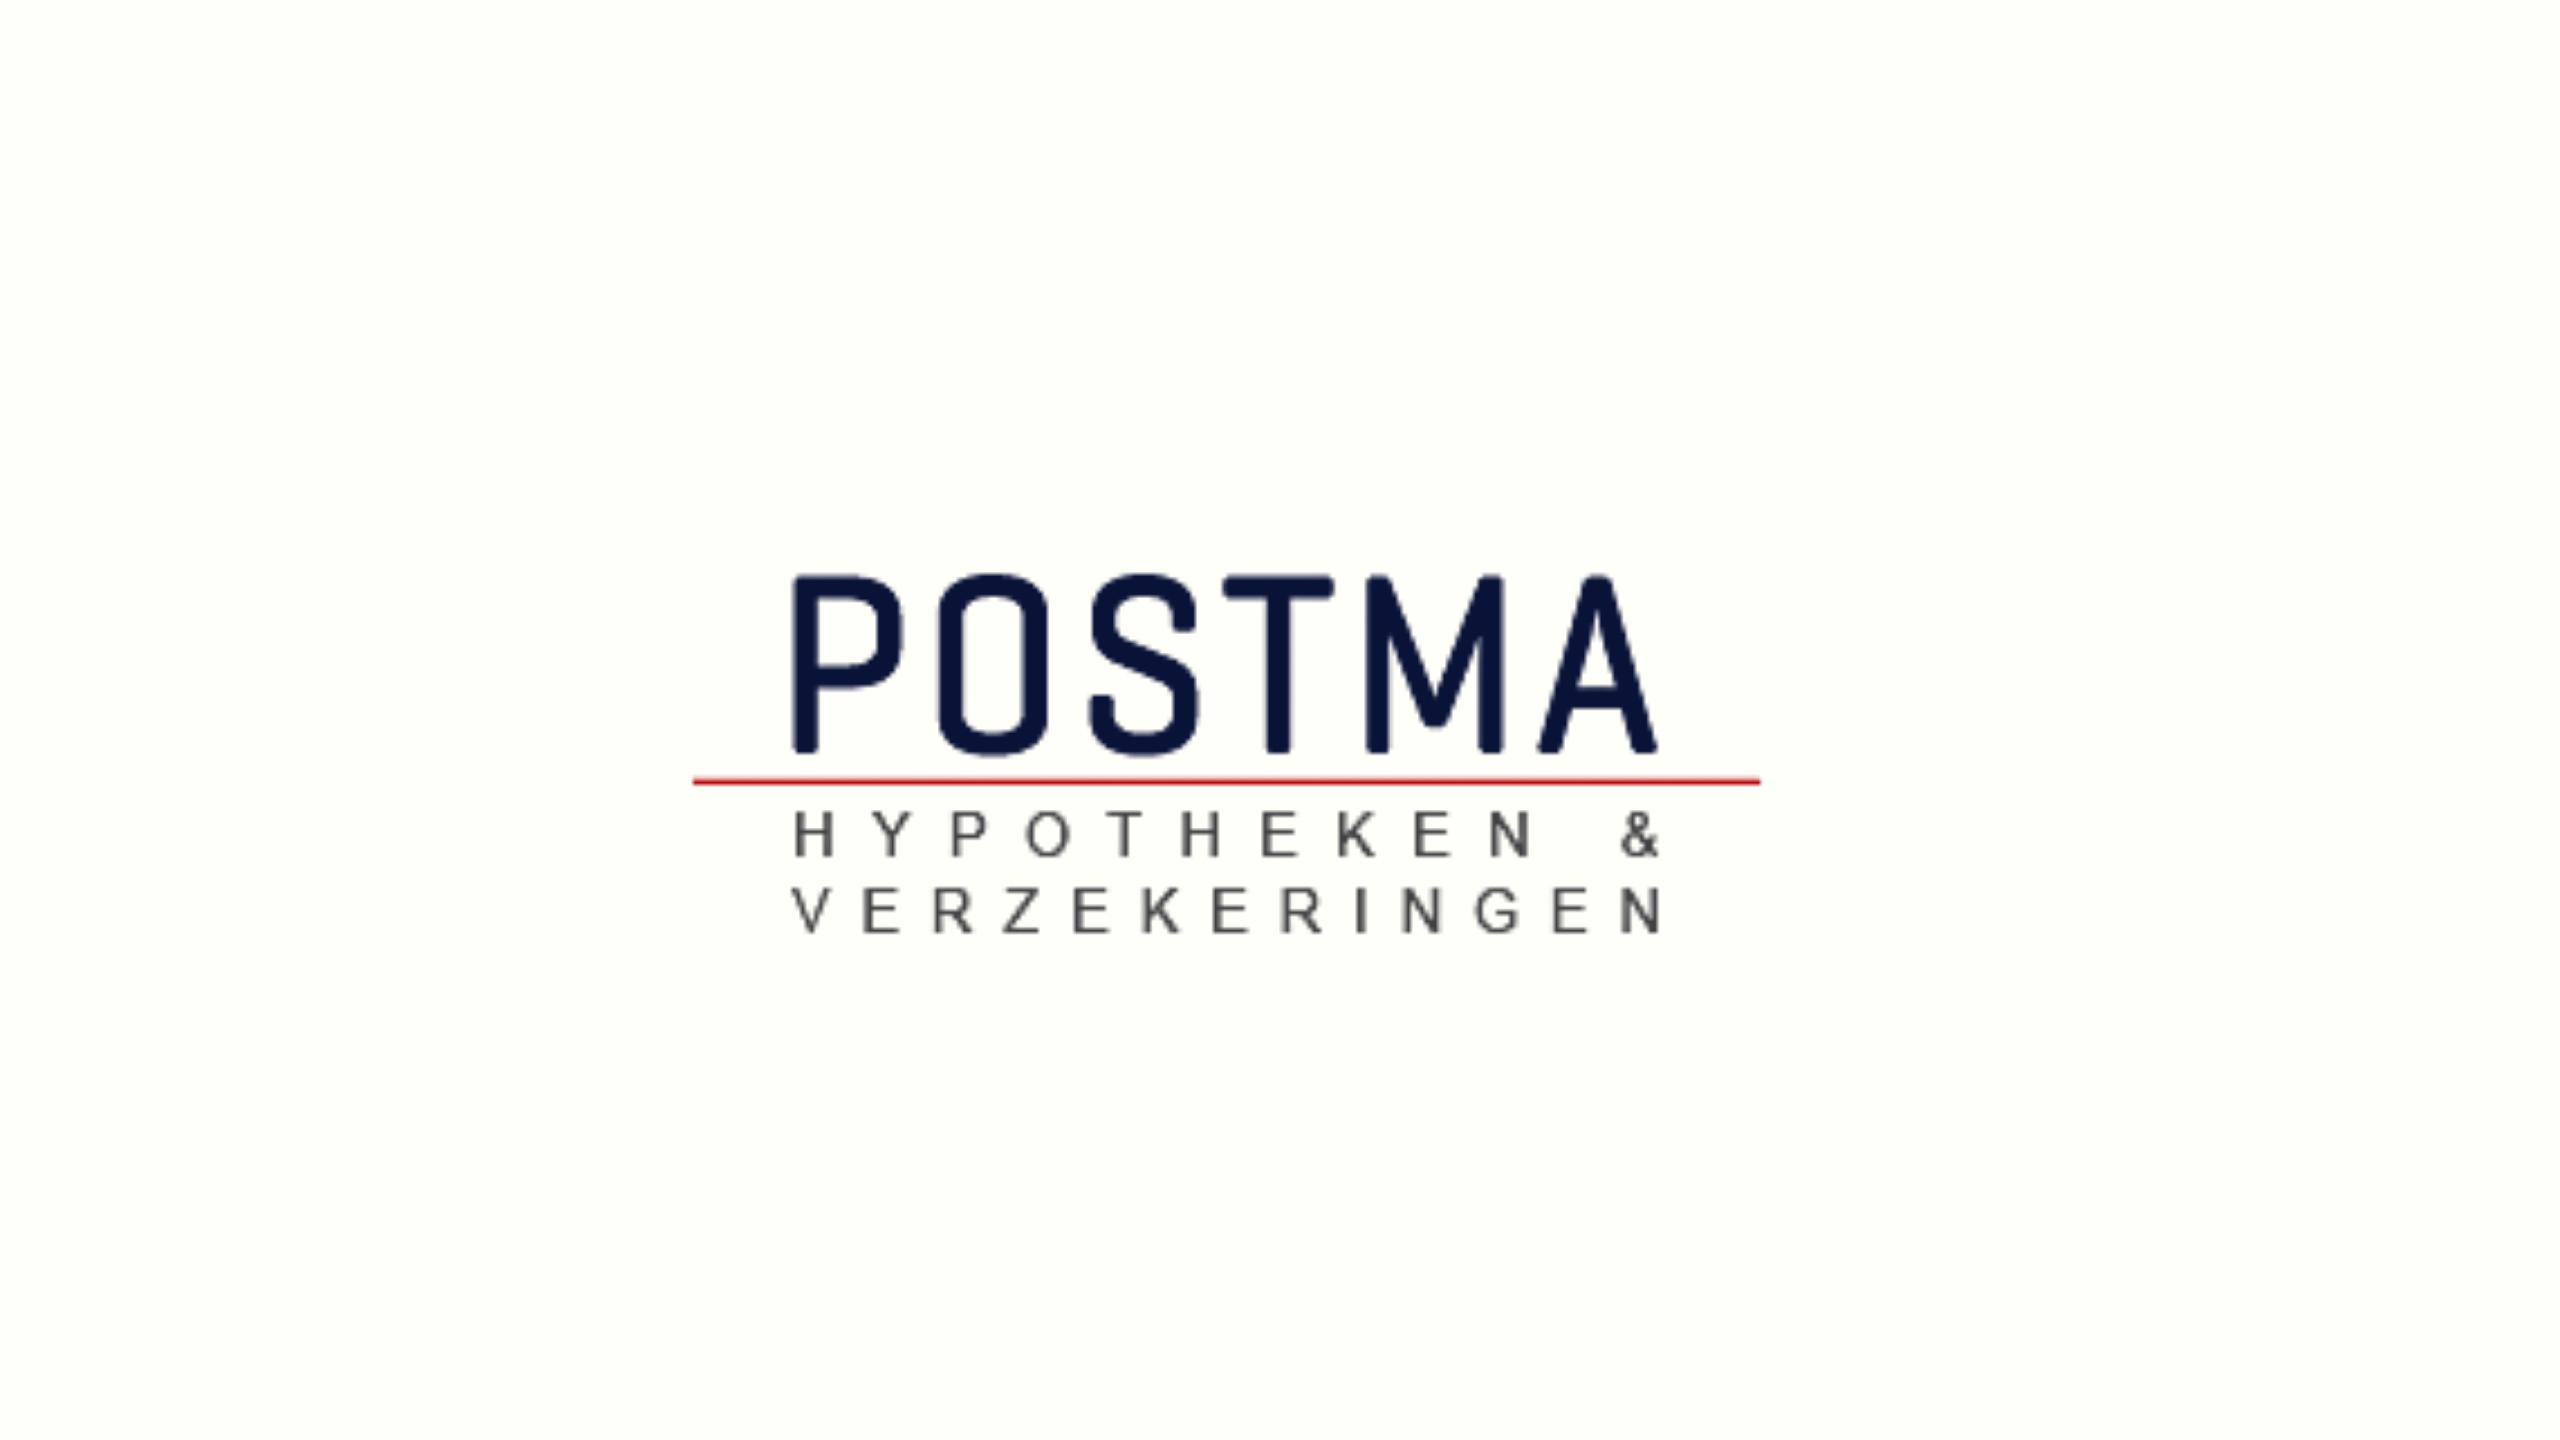 Postma Hypotheken en Verzekeringen